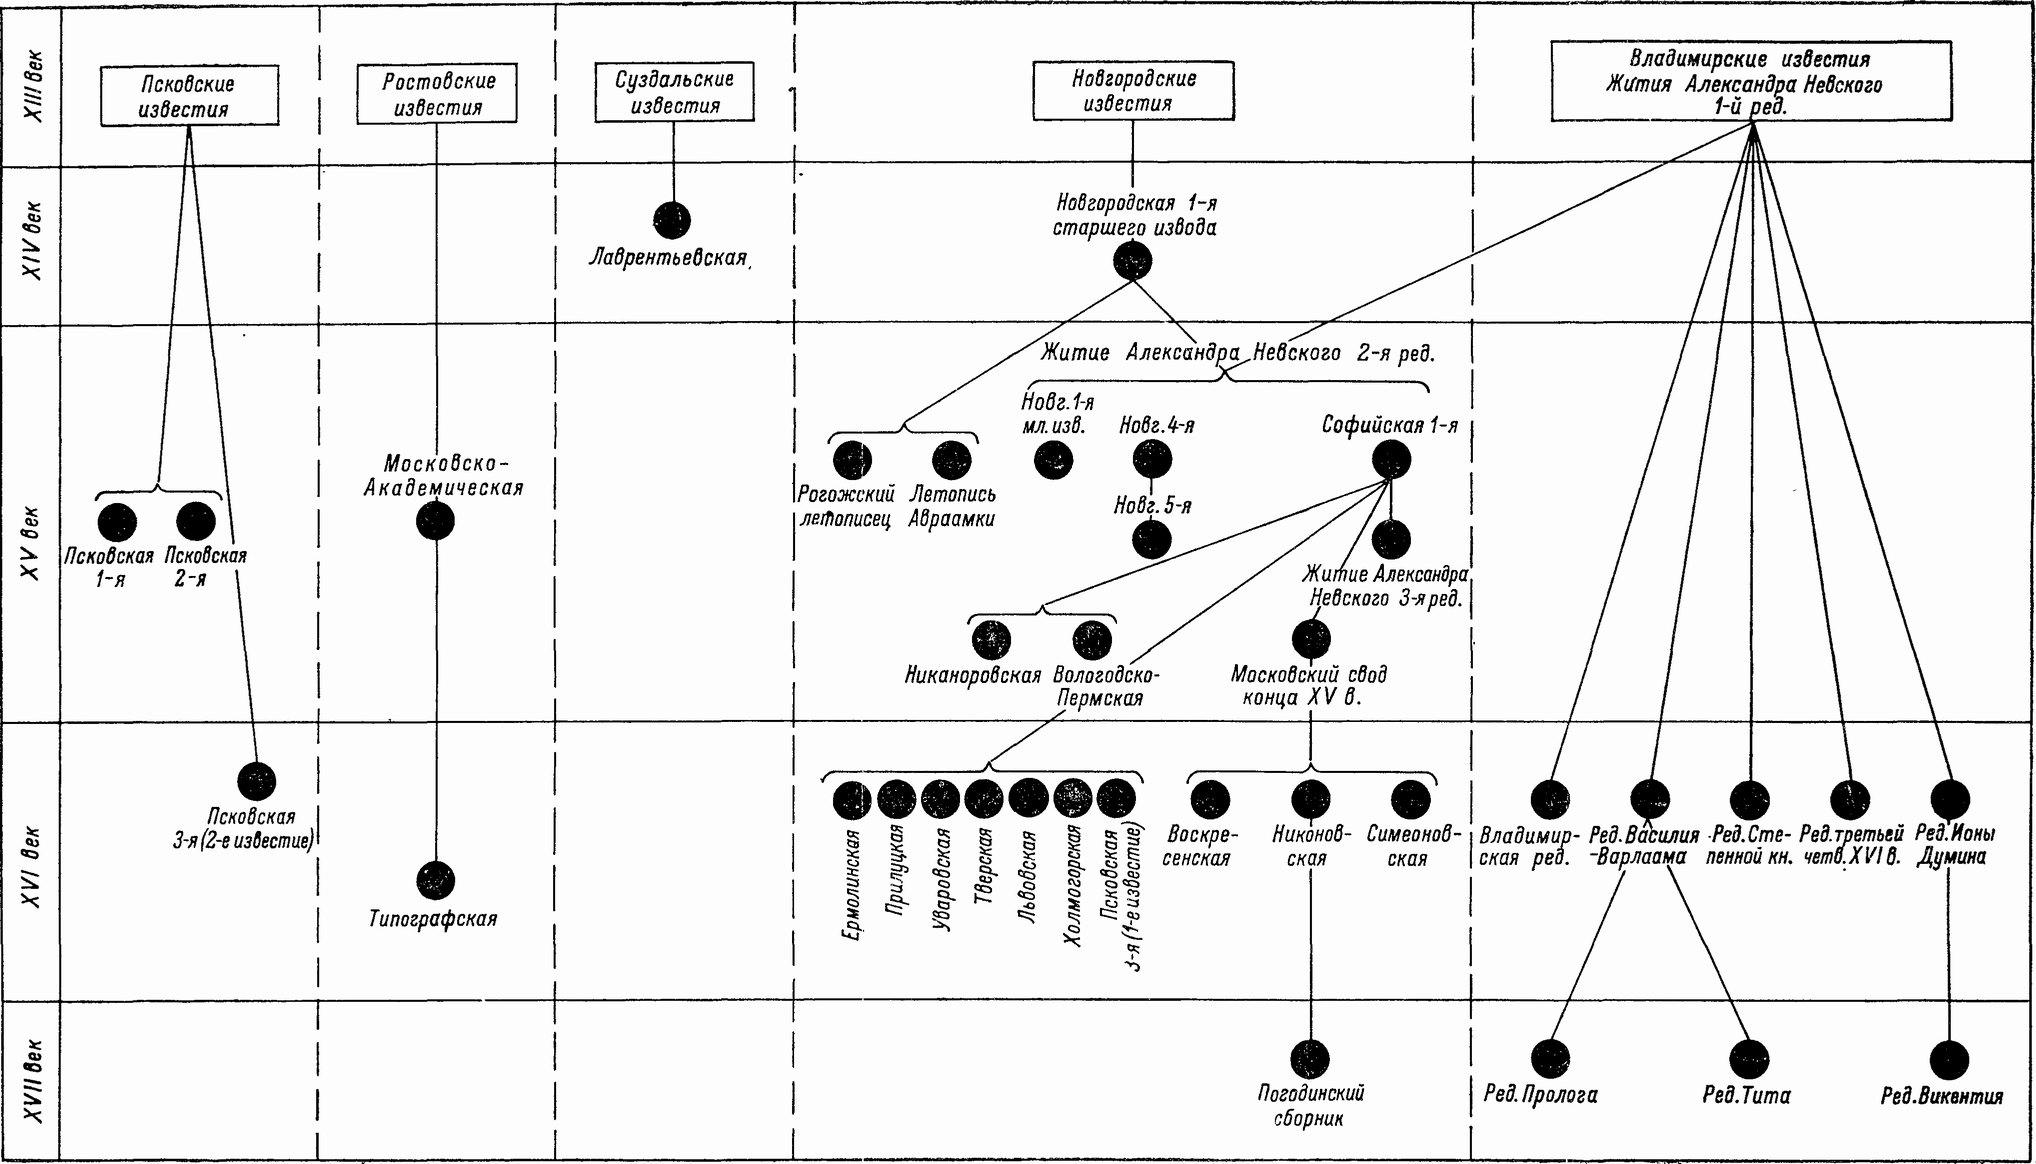 схема познания в источниковедении их пояснение